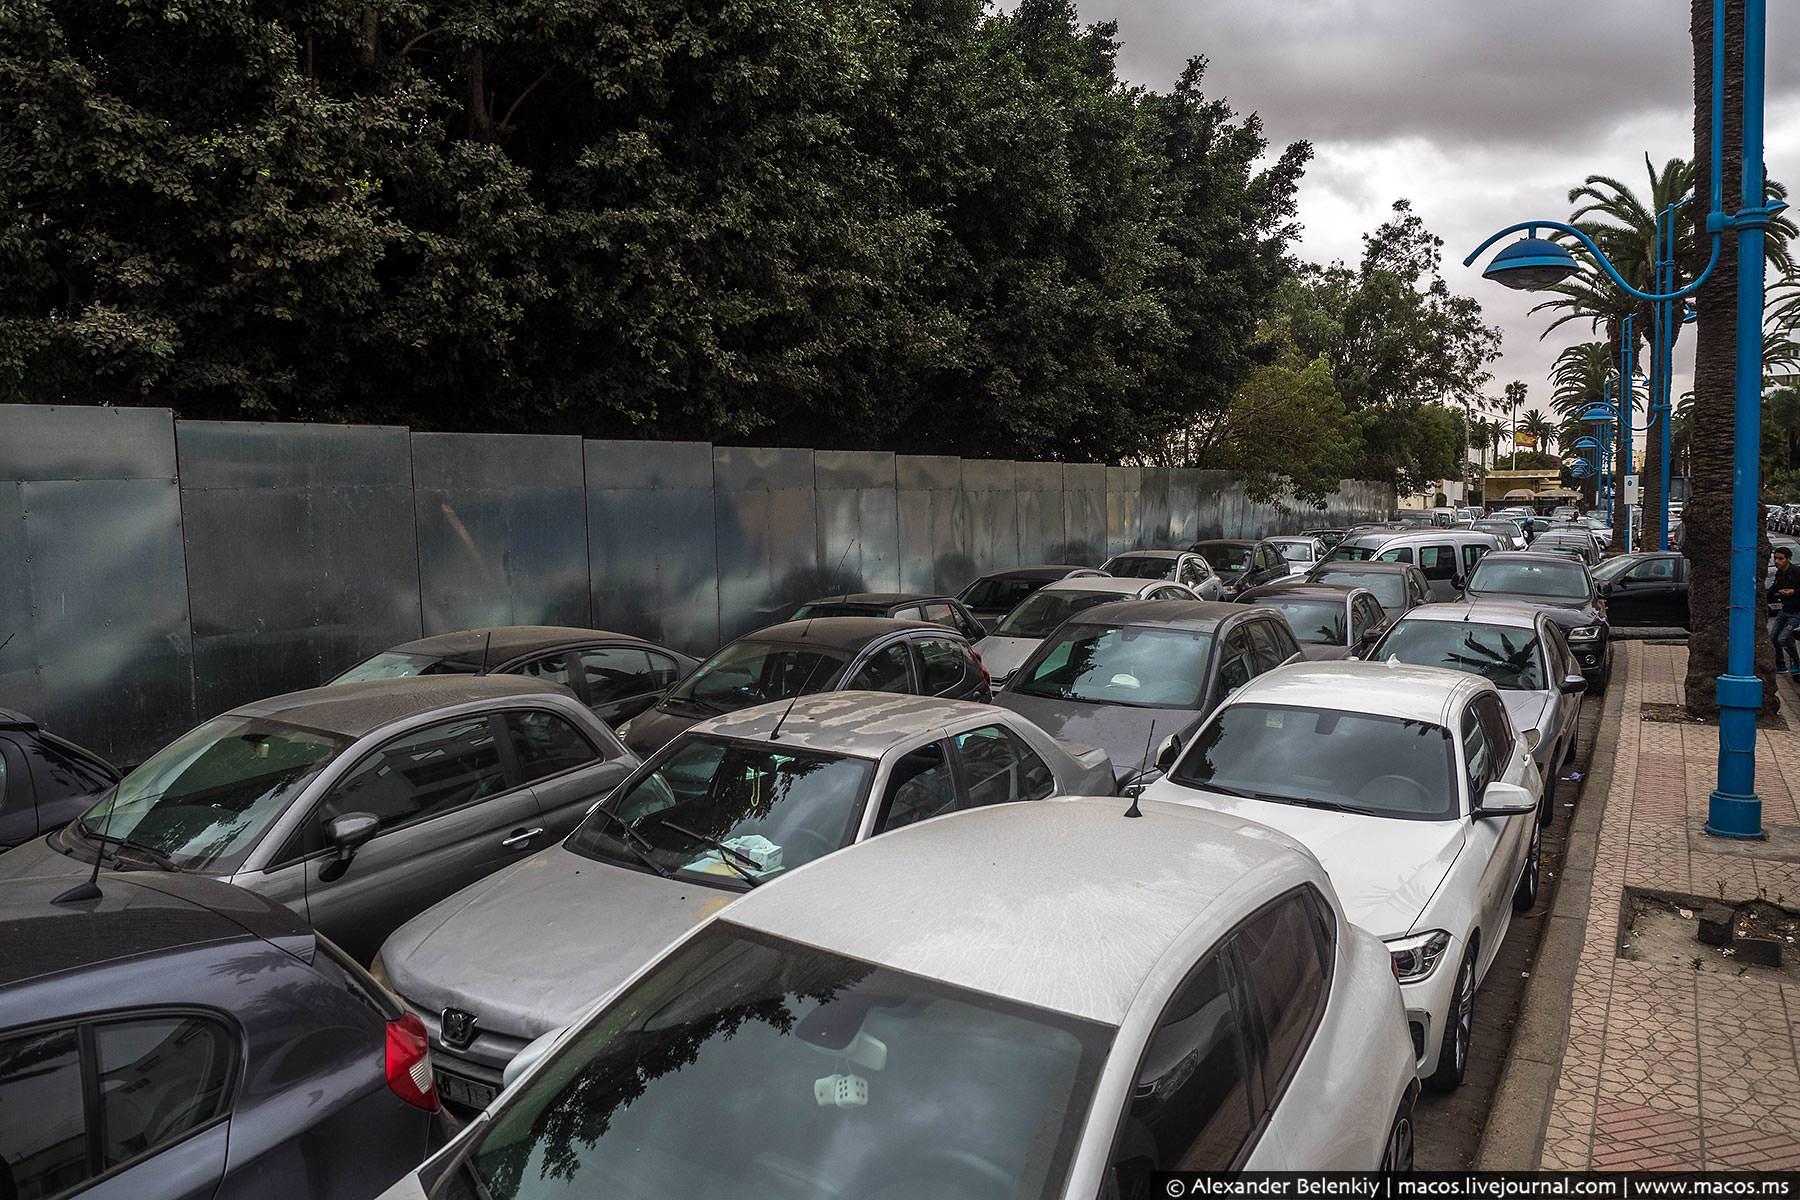 Фото: Парковка на улице города